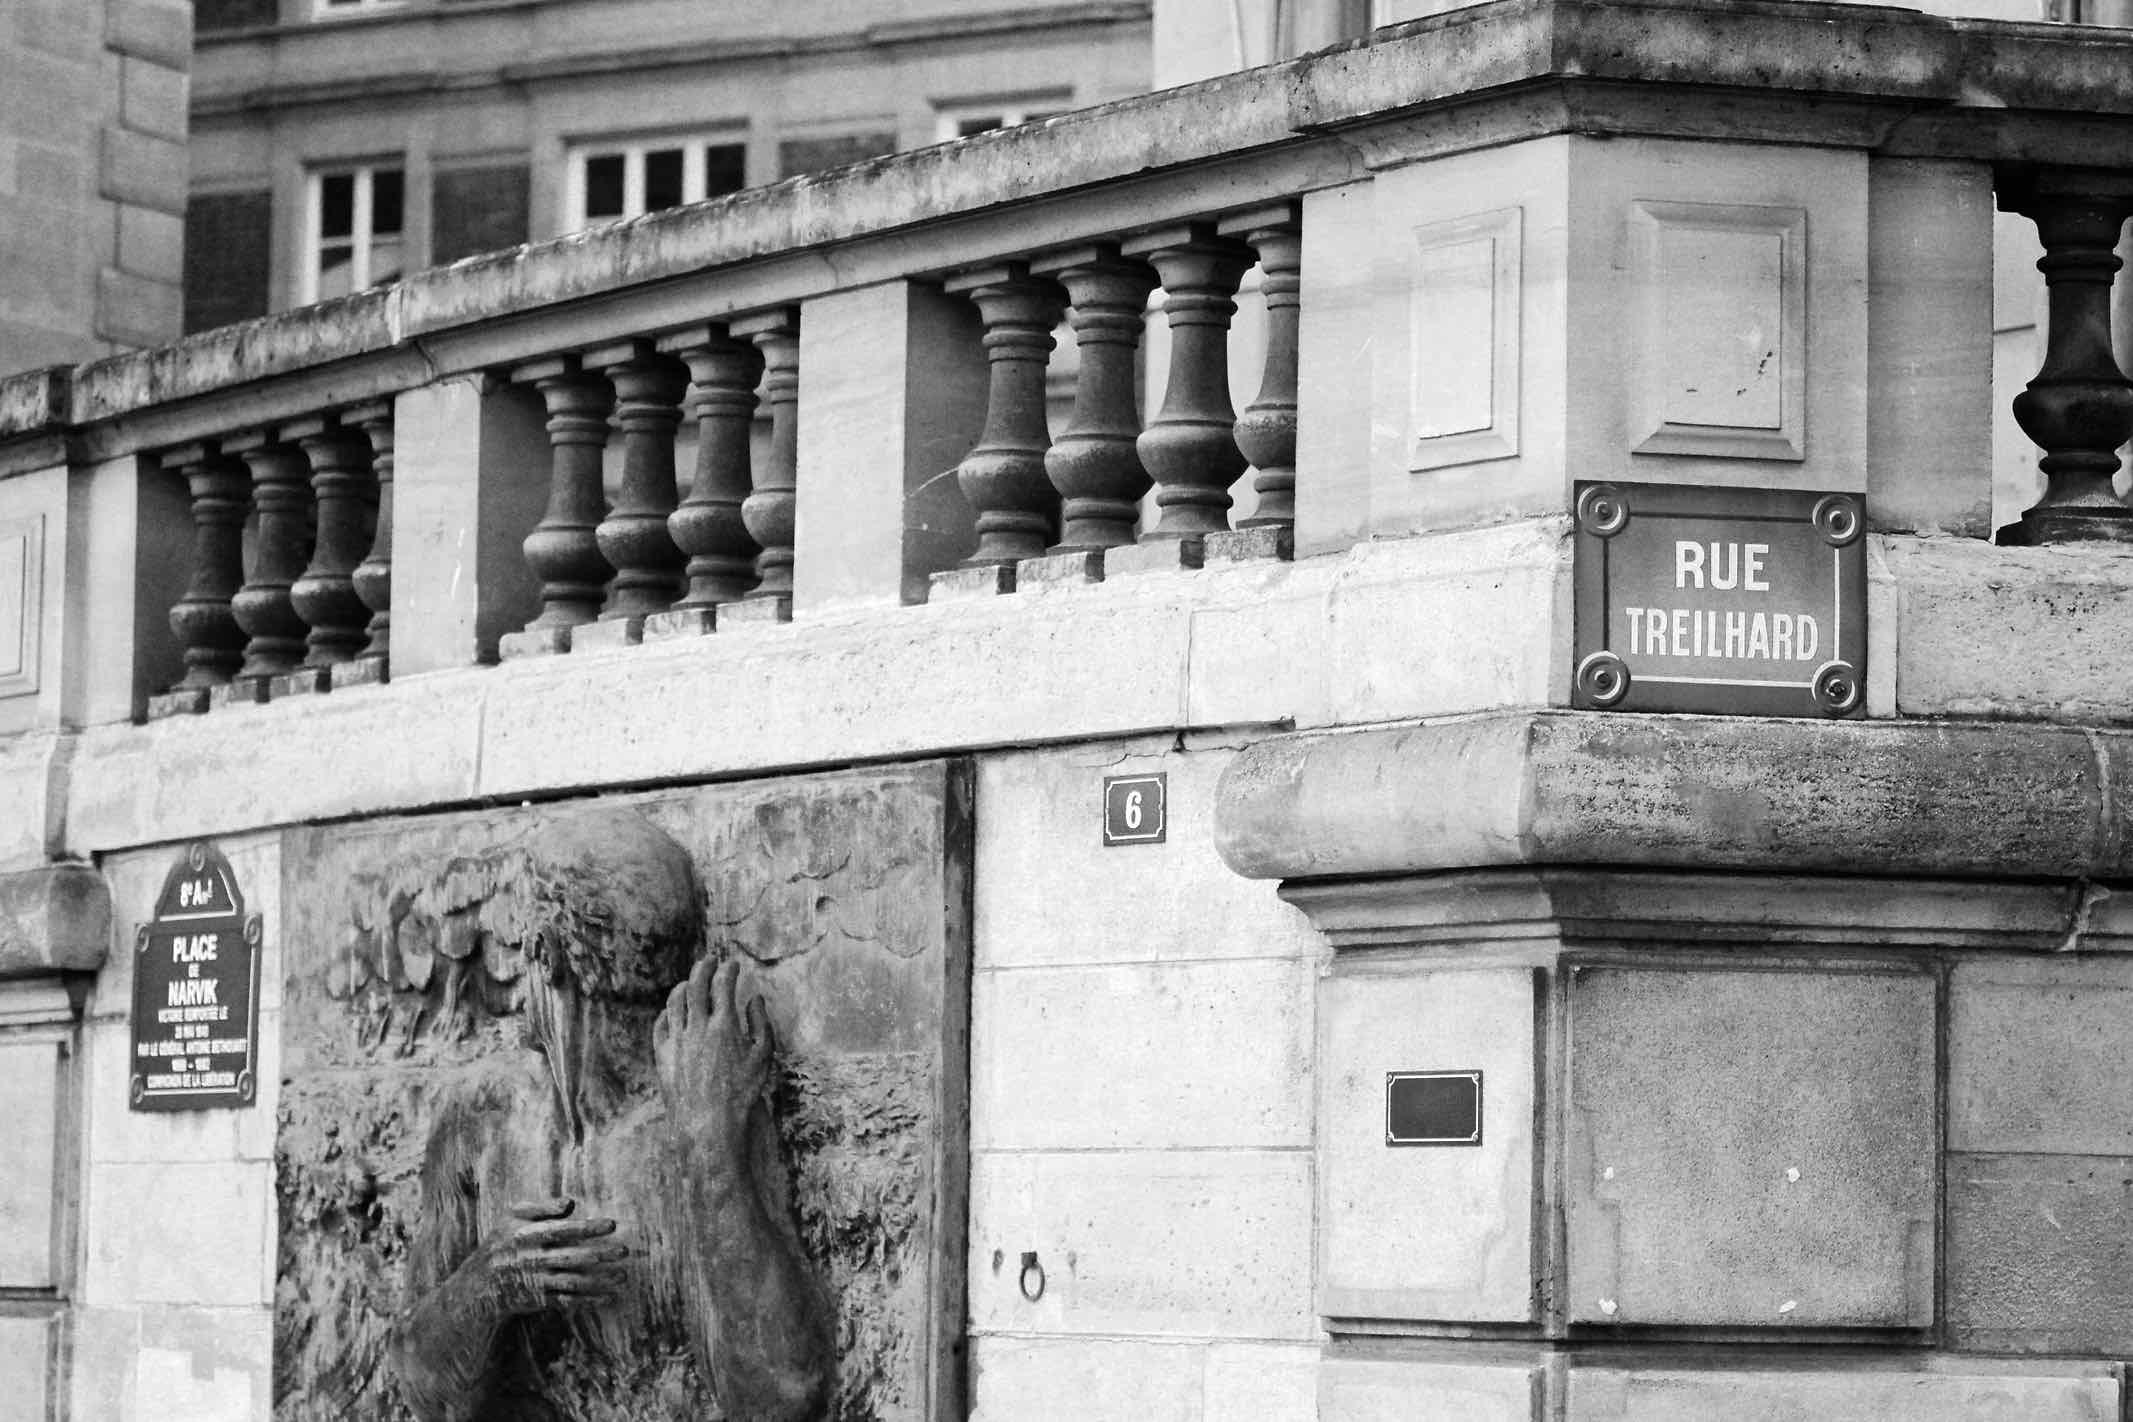 Rue Treilhard